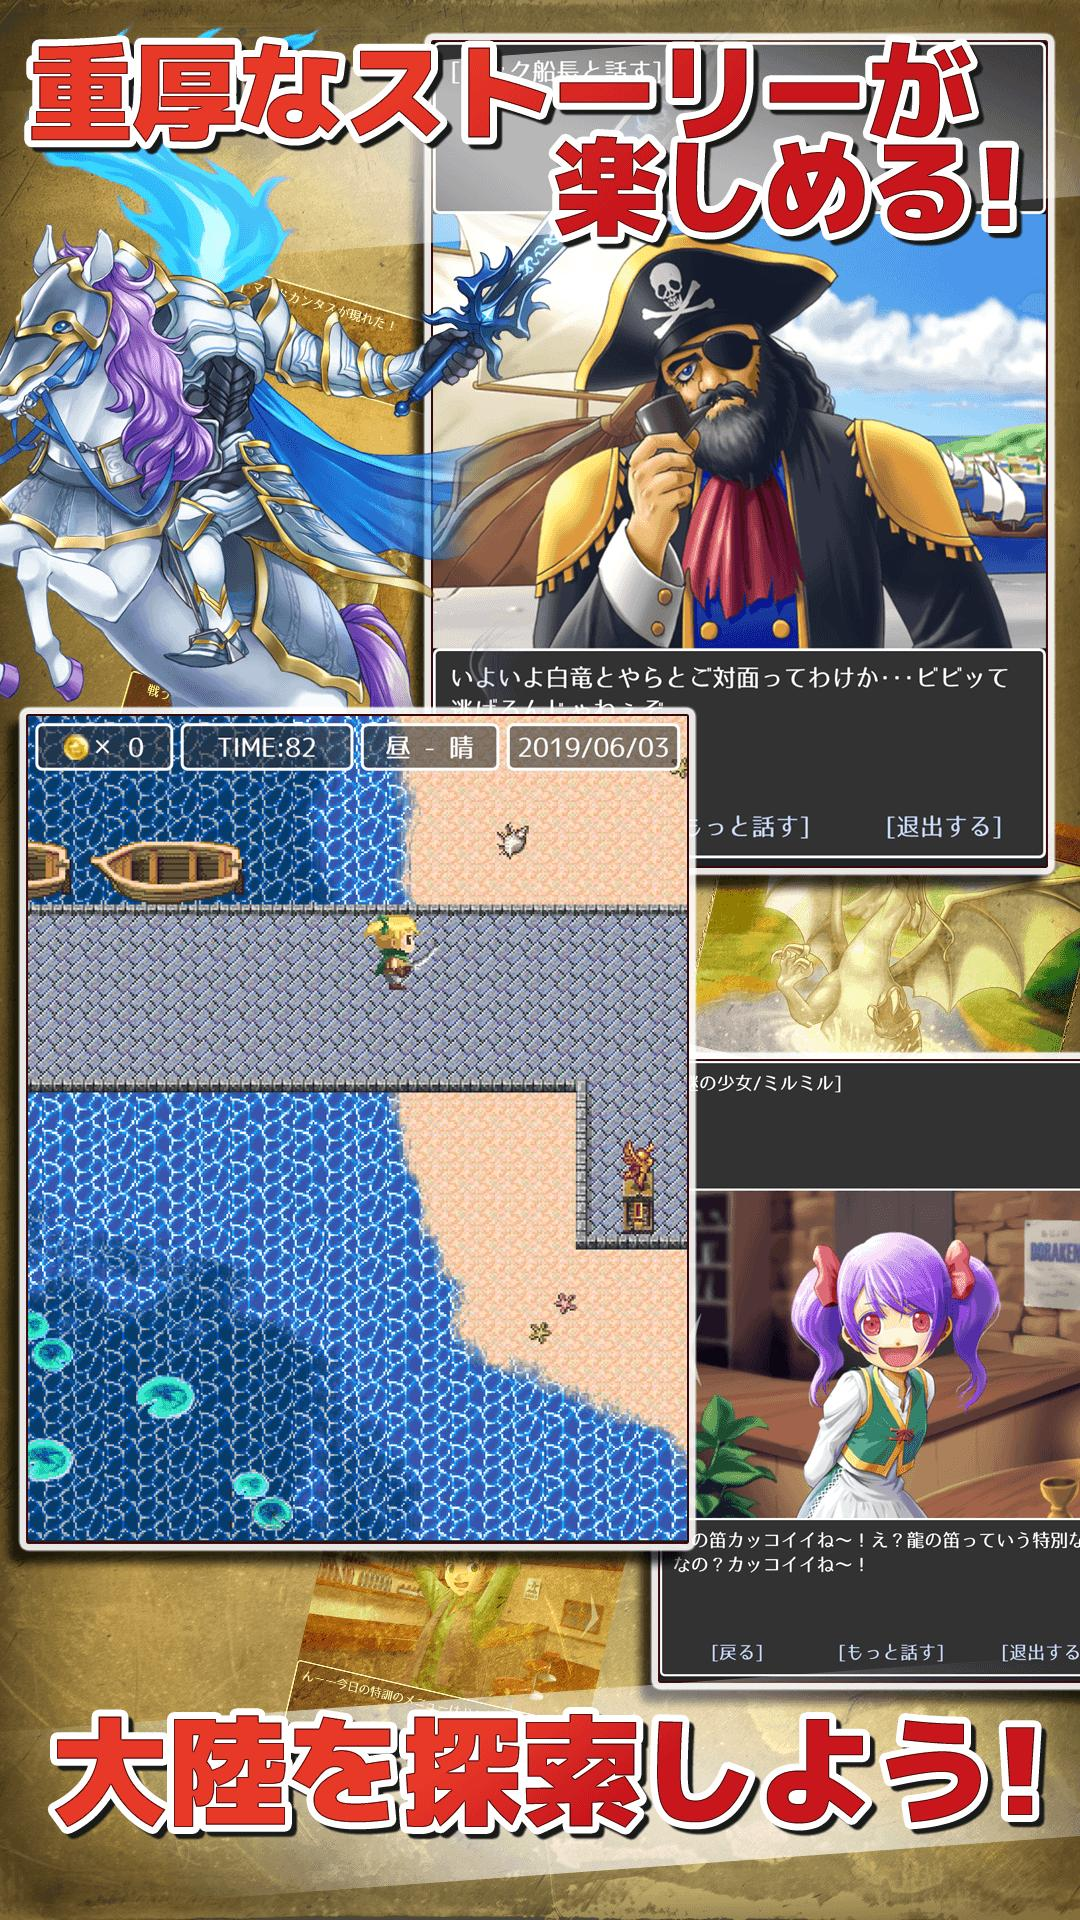 お小遣い×RPG☆RPGゲームでお小遣い稼ぎ!ポイント稼げるアプリ【Card RPG】 5.7.6 Screenshot 4